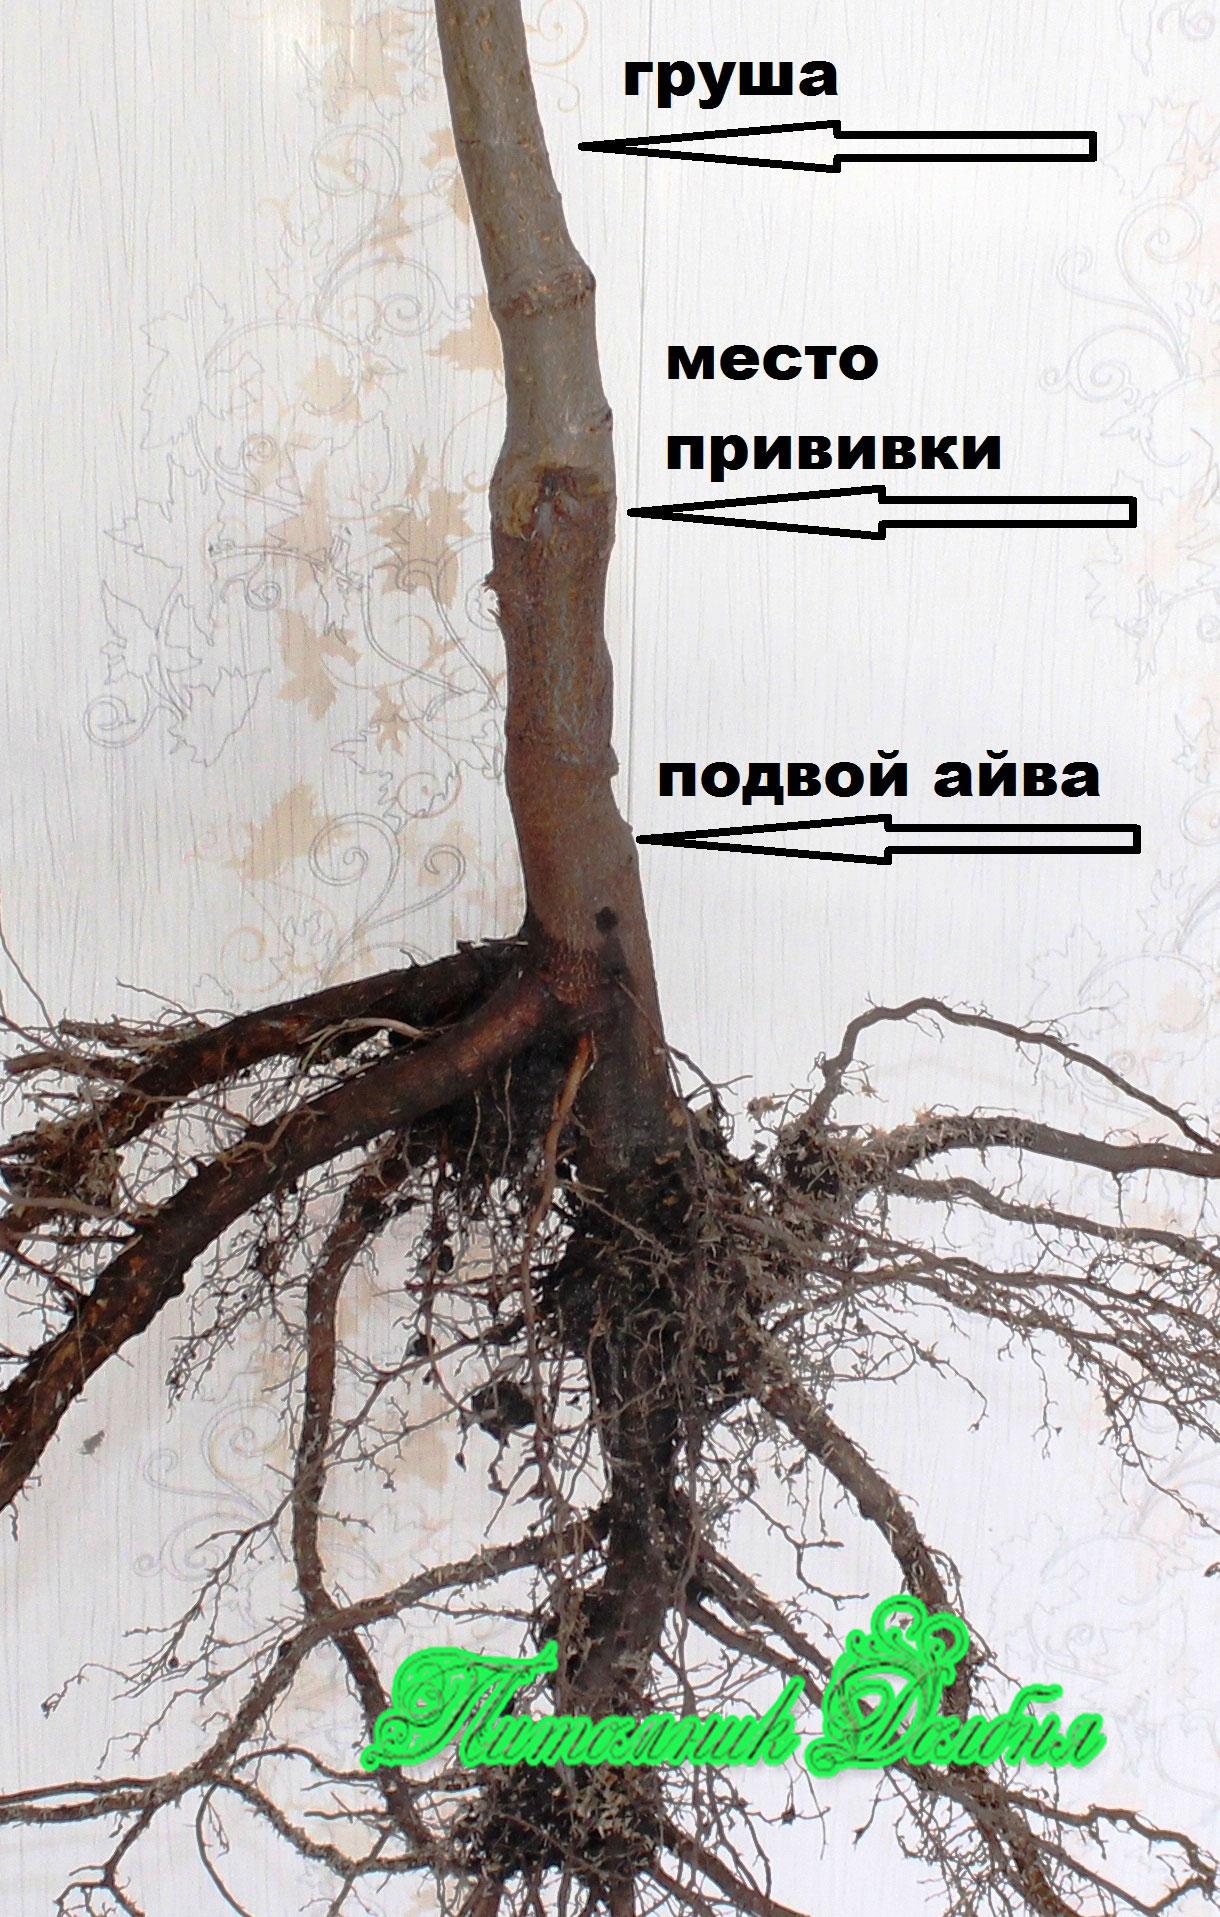 ВЫРАЩИВАНИЕ ВИШНИ.Как выращивать вишню? ВИДЕО 82